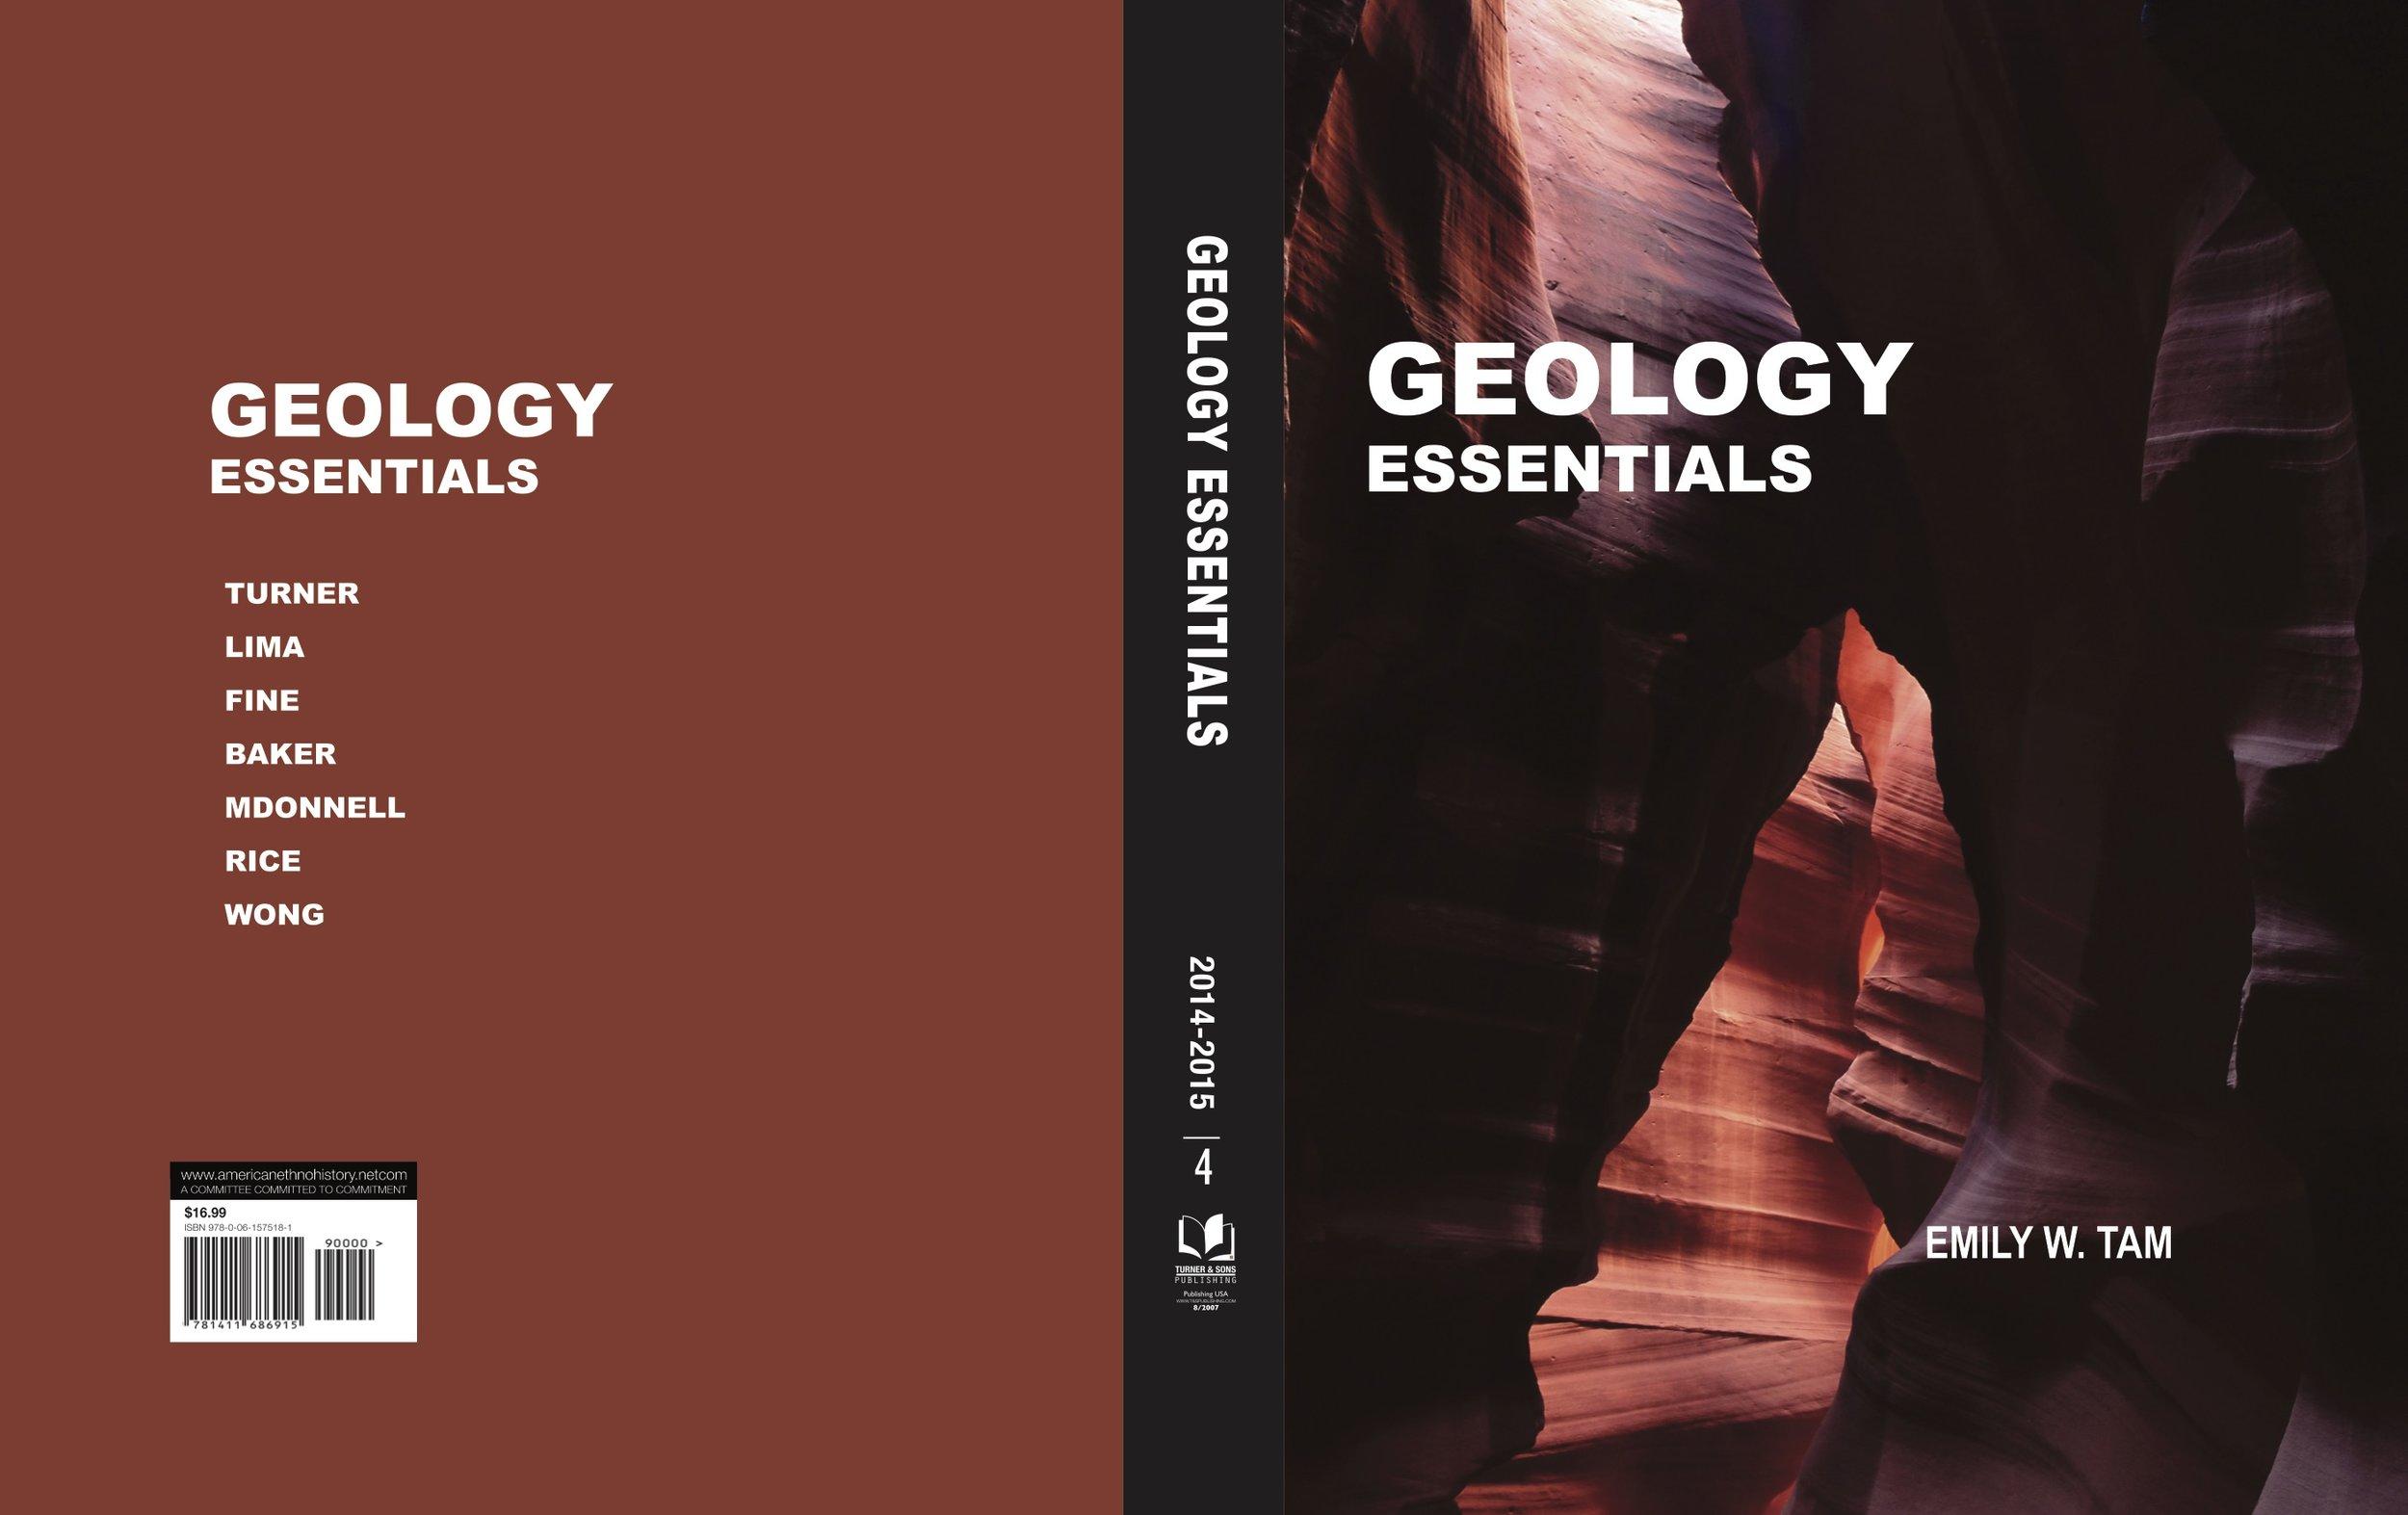 FL1_Textbooks1b.jpg